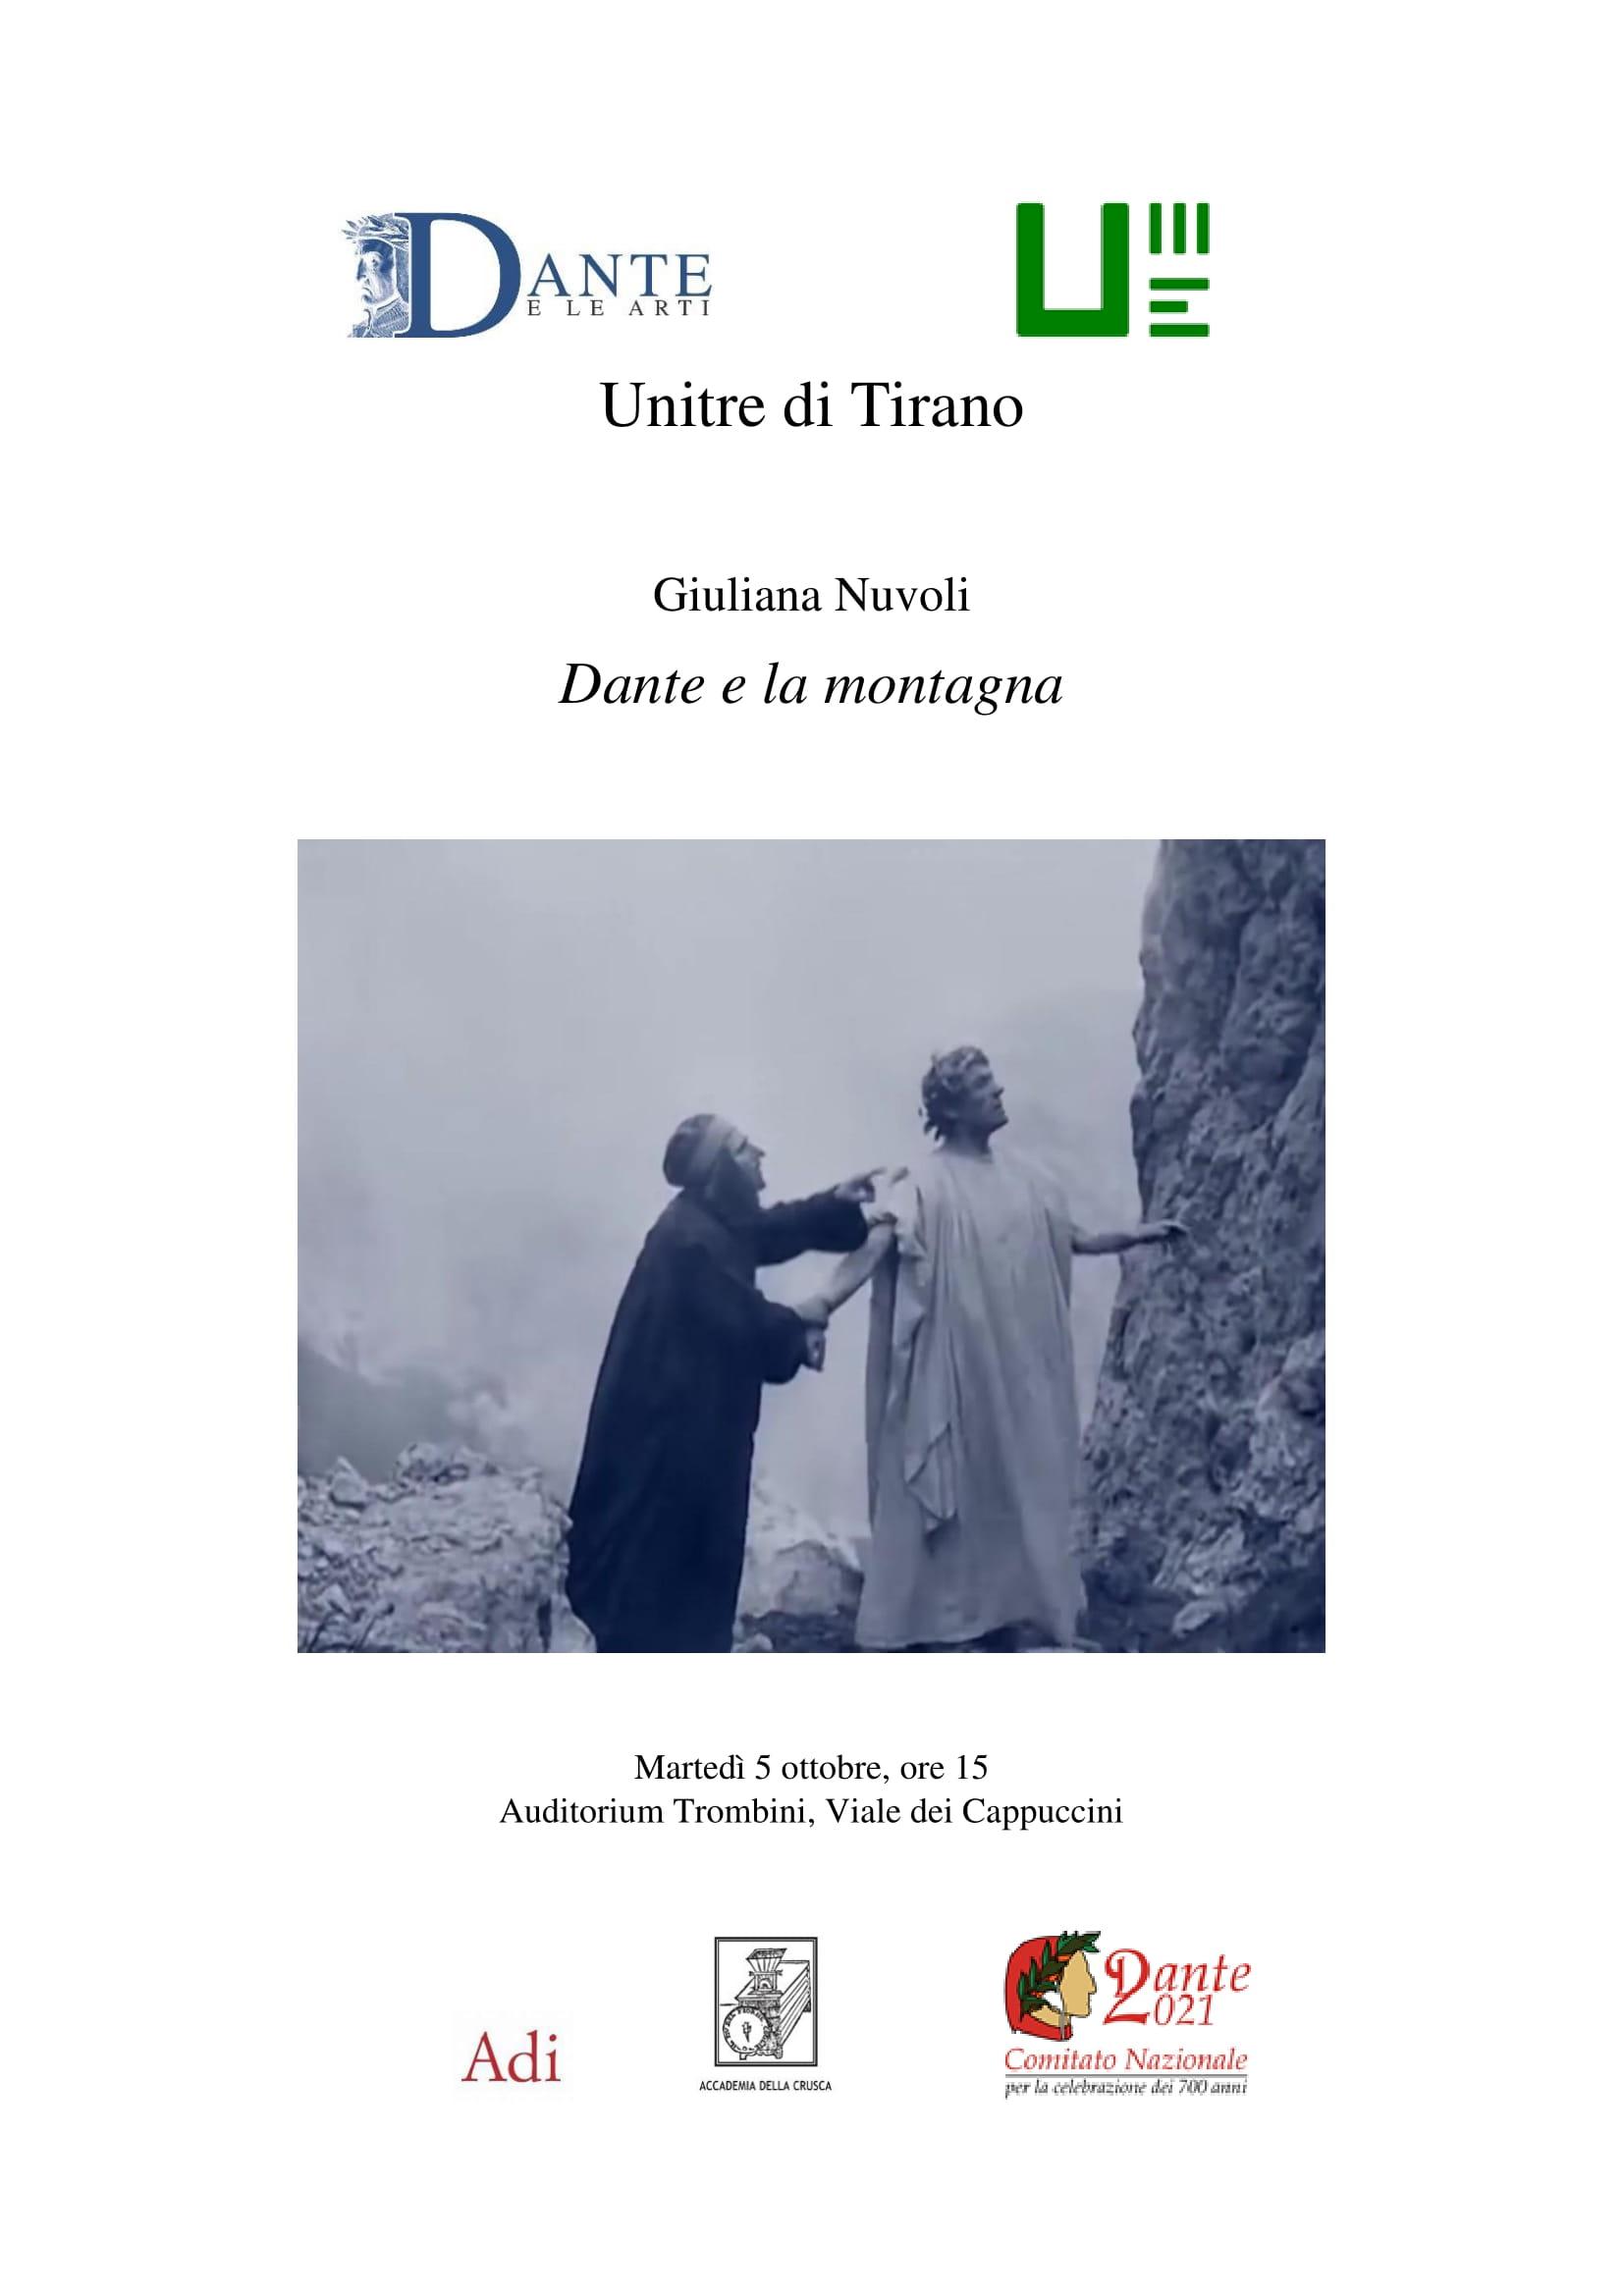 Giuliana Nuvoli, Dante e la montagna, 5 ottobre 2021, ore 15, UNITRE, Teatro Trombini, Tirano.